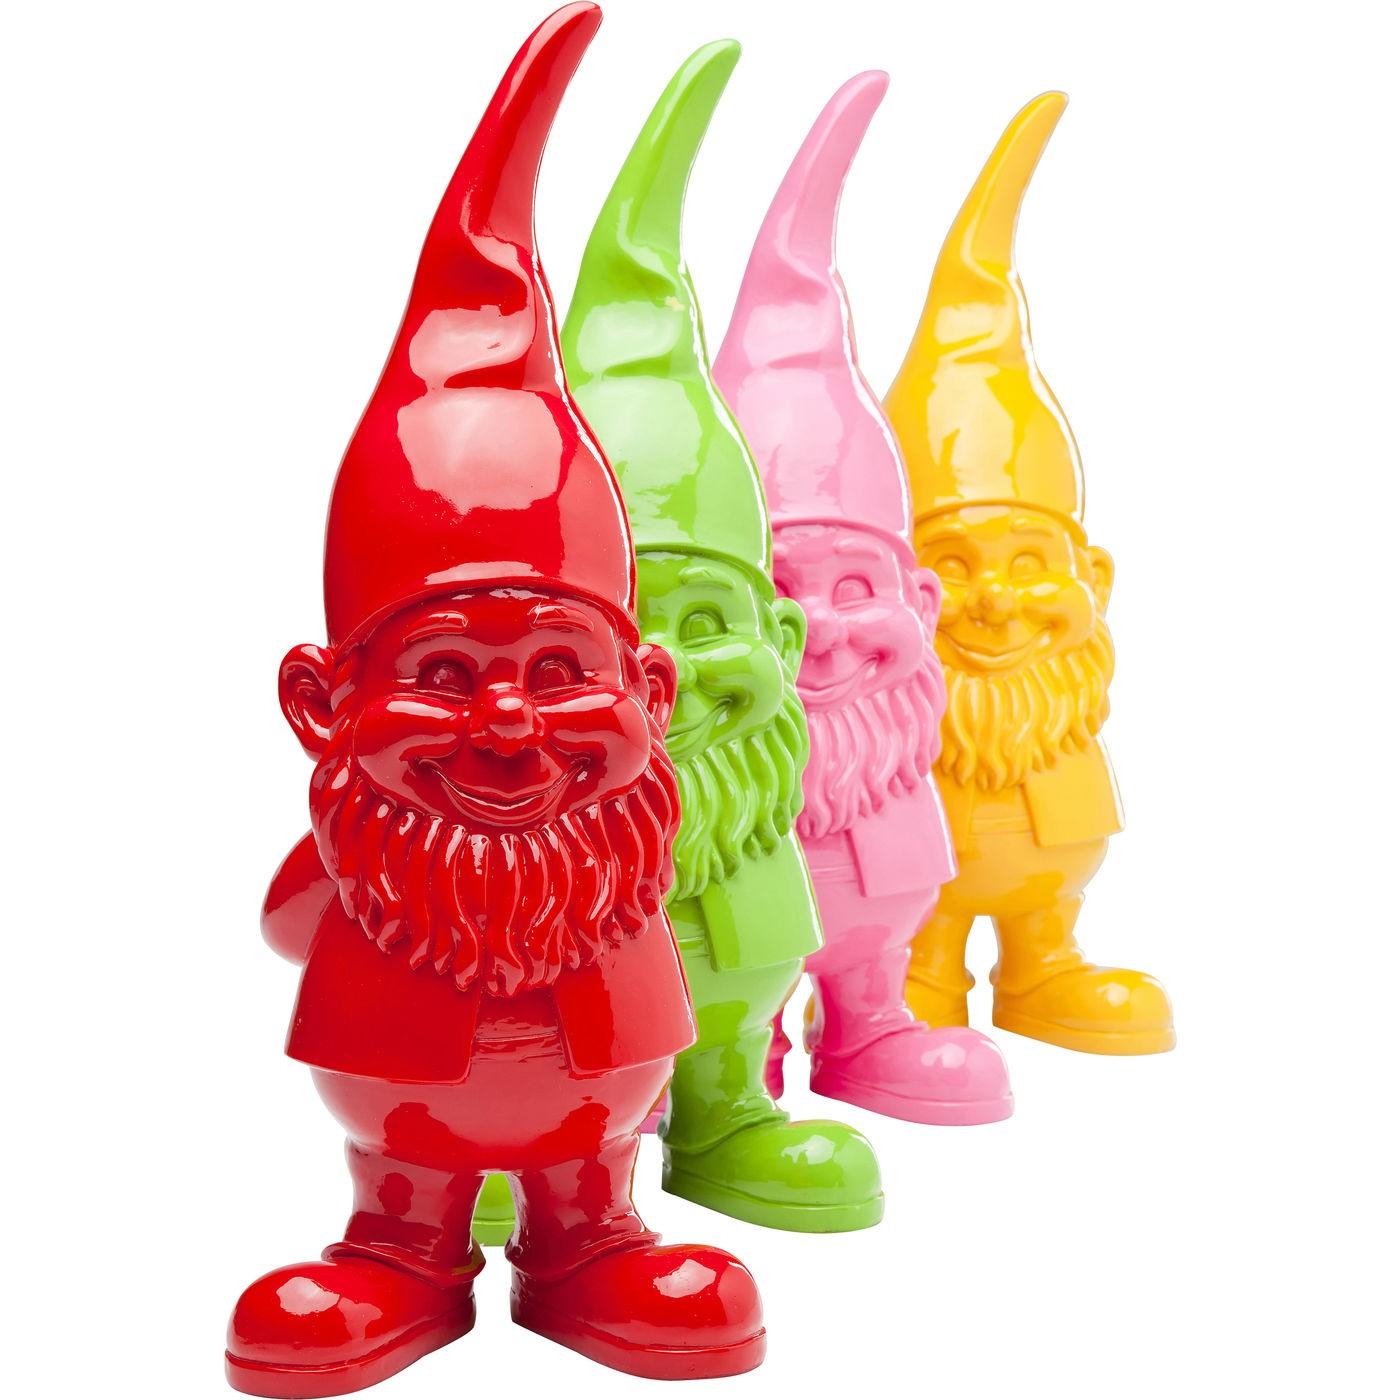 Déco gnome 46cm rose Kare Design